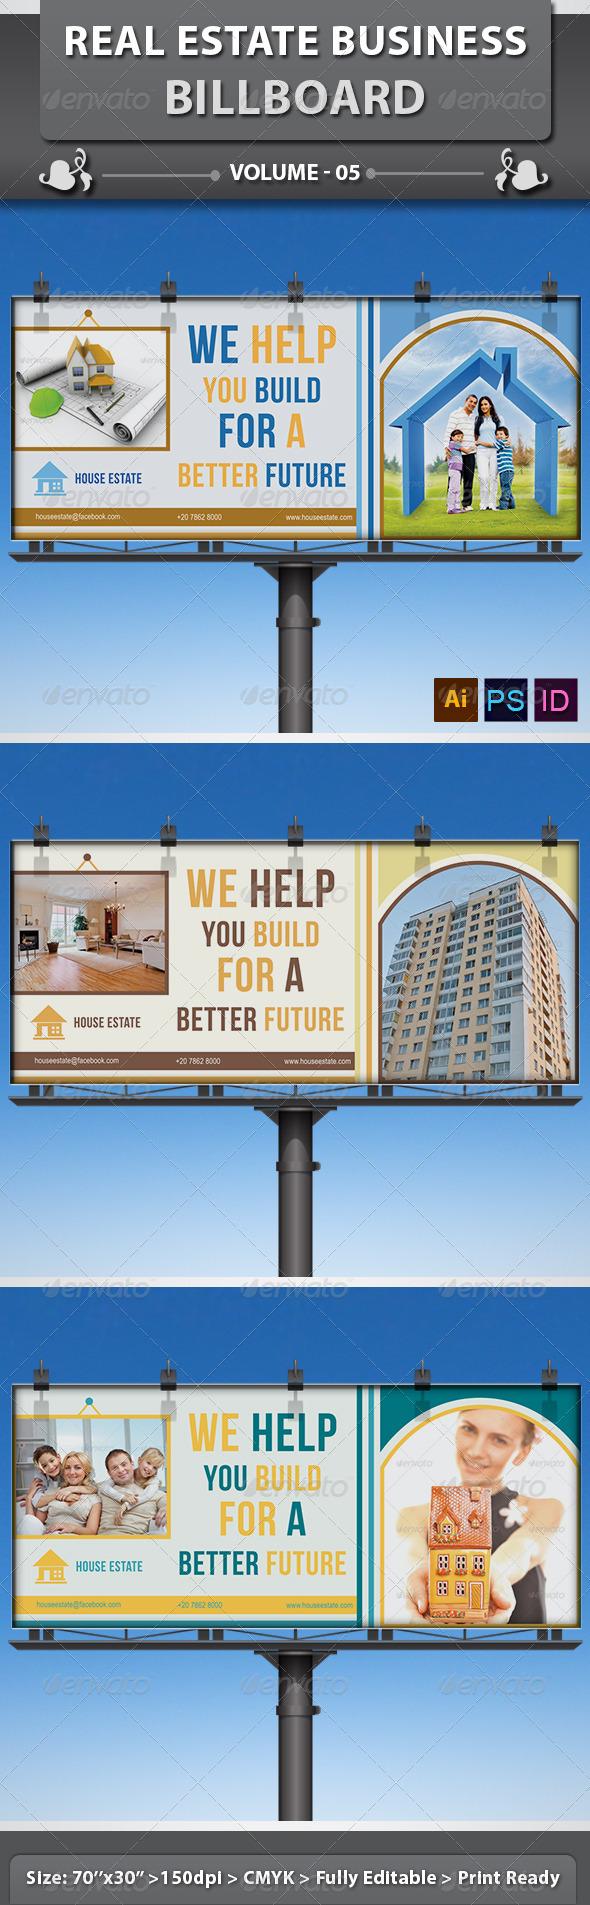 GraphicRiver Real Estate Business Billboard v5 6434610